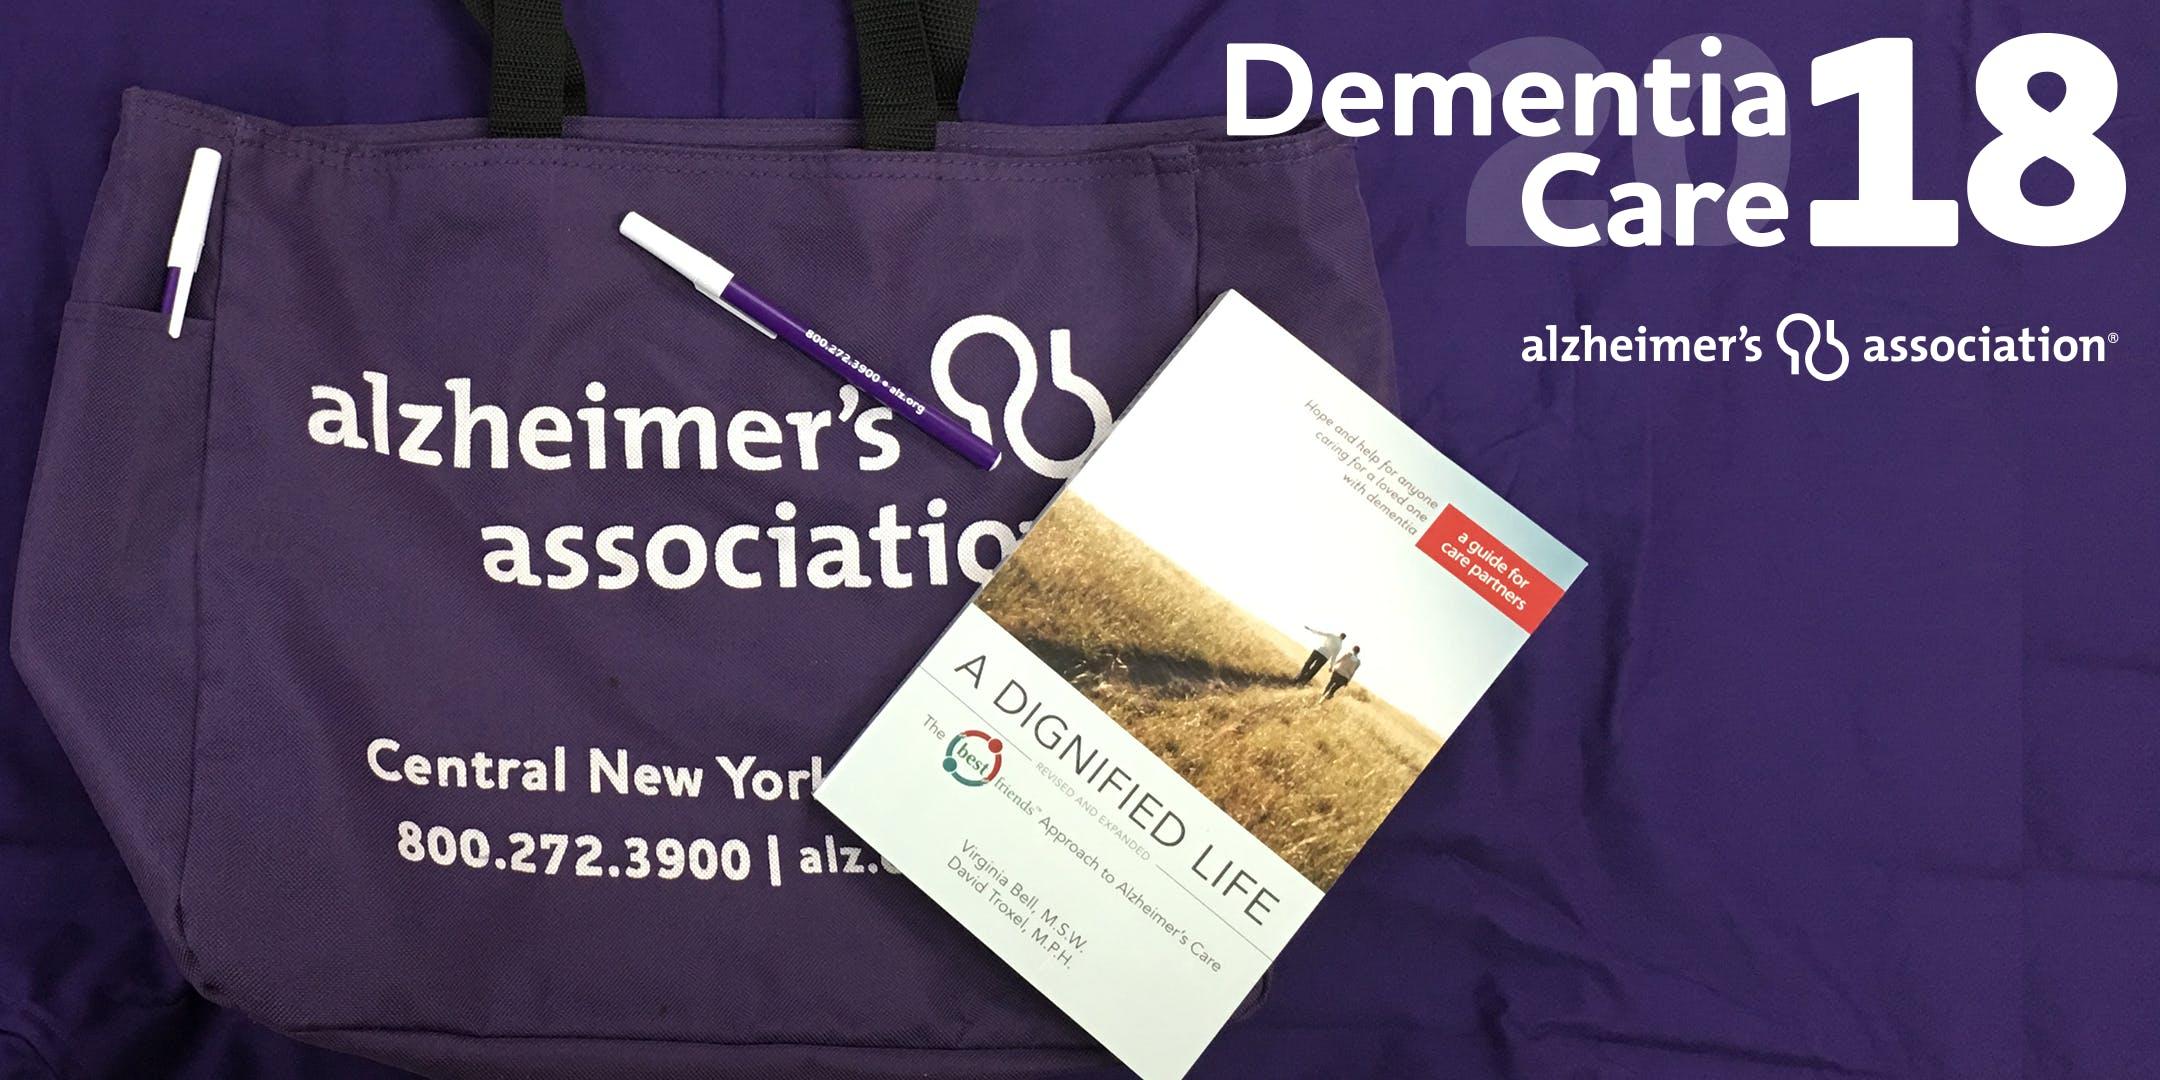 Dementia Care 2018